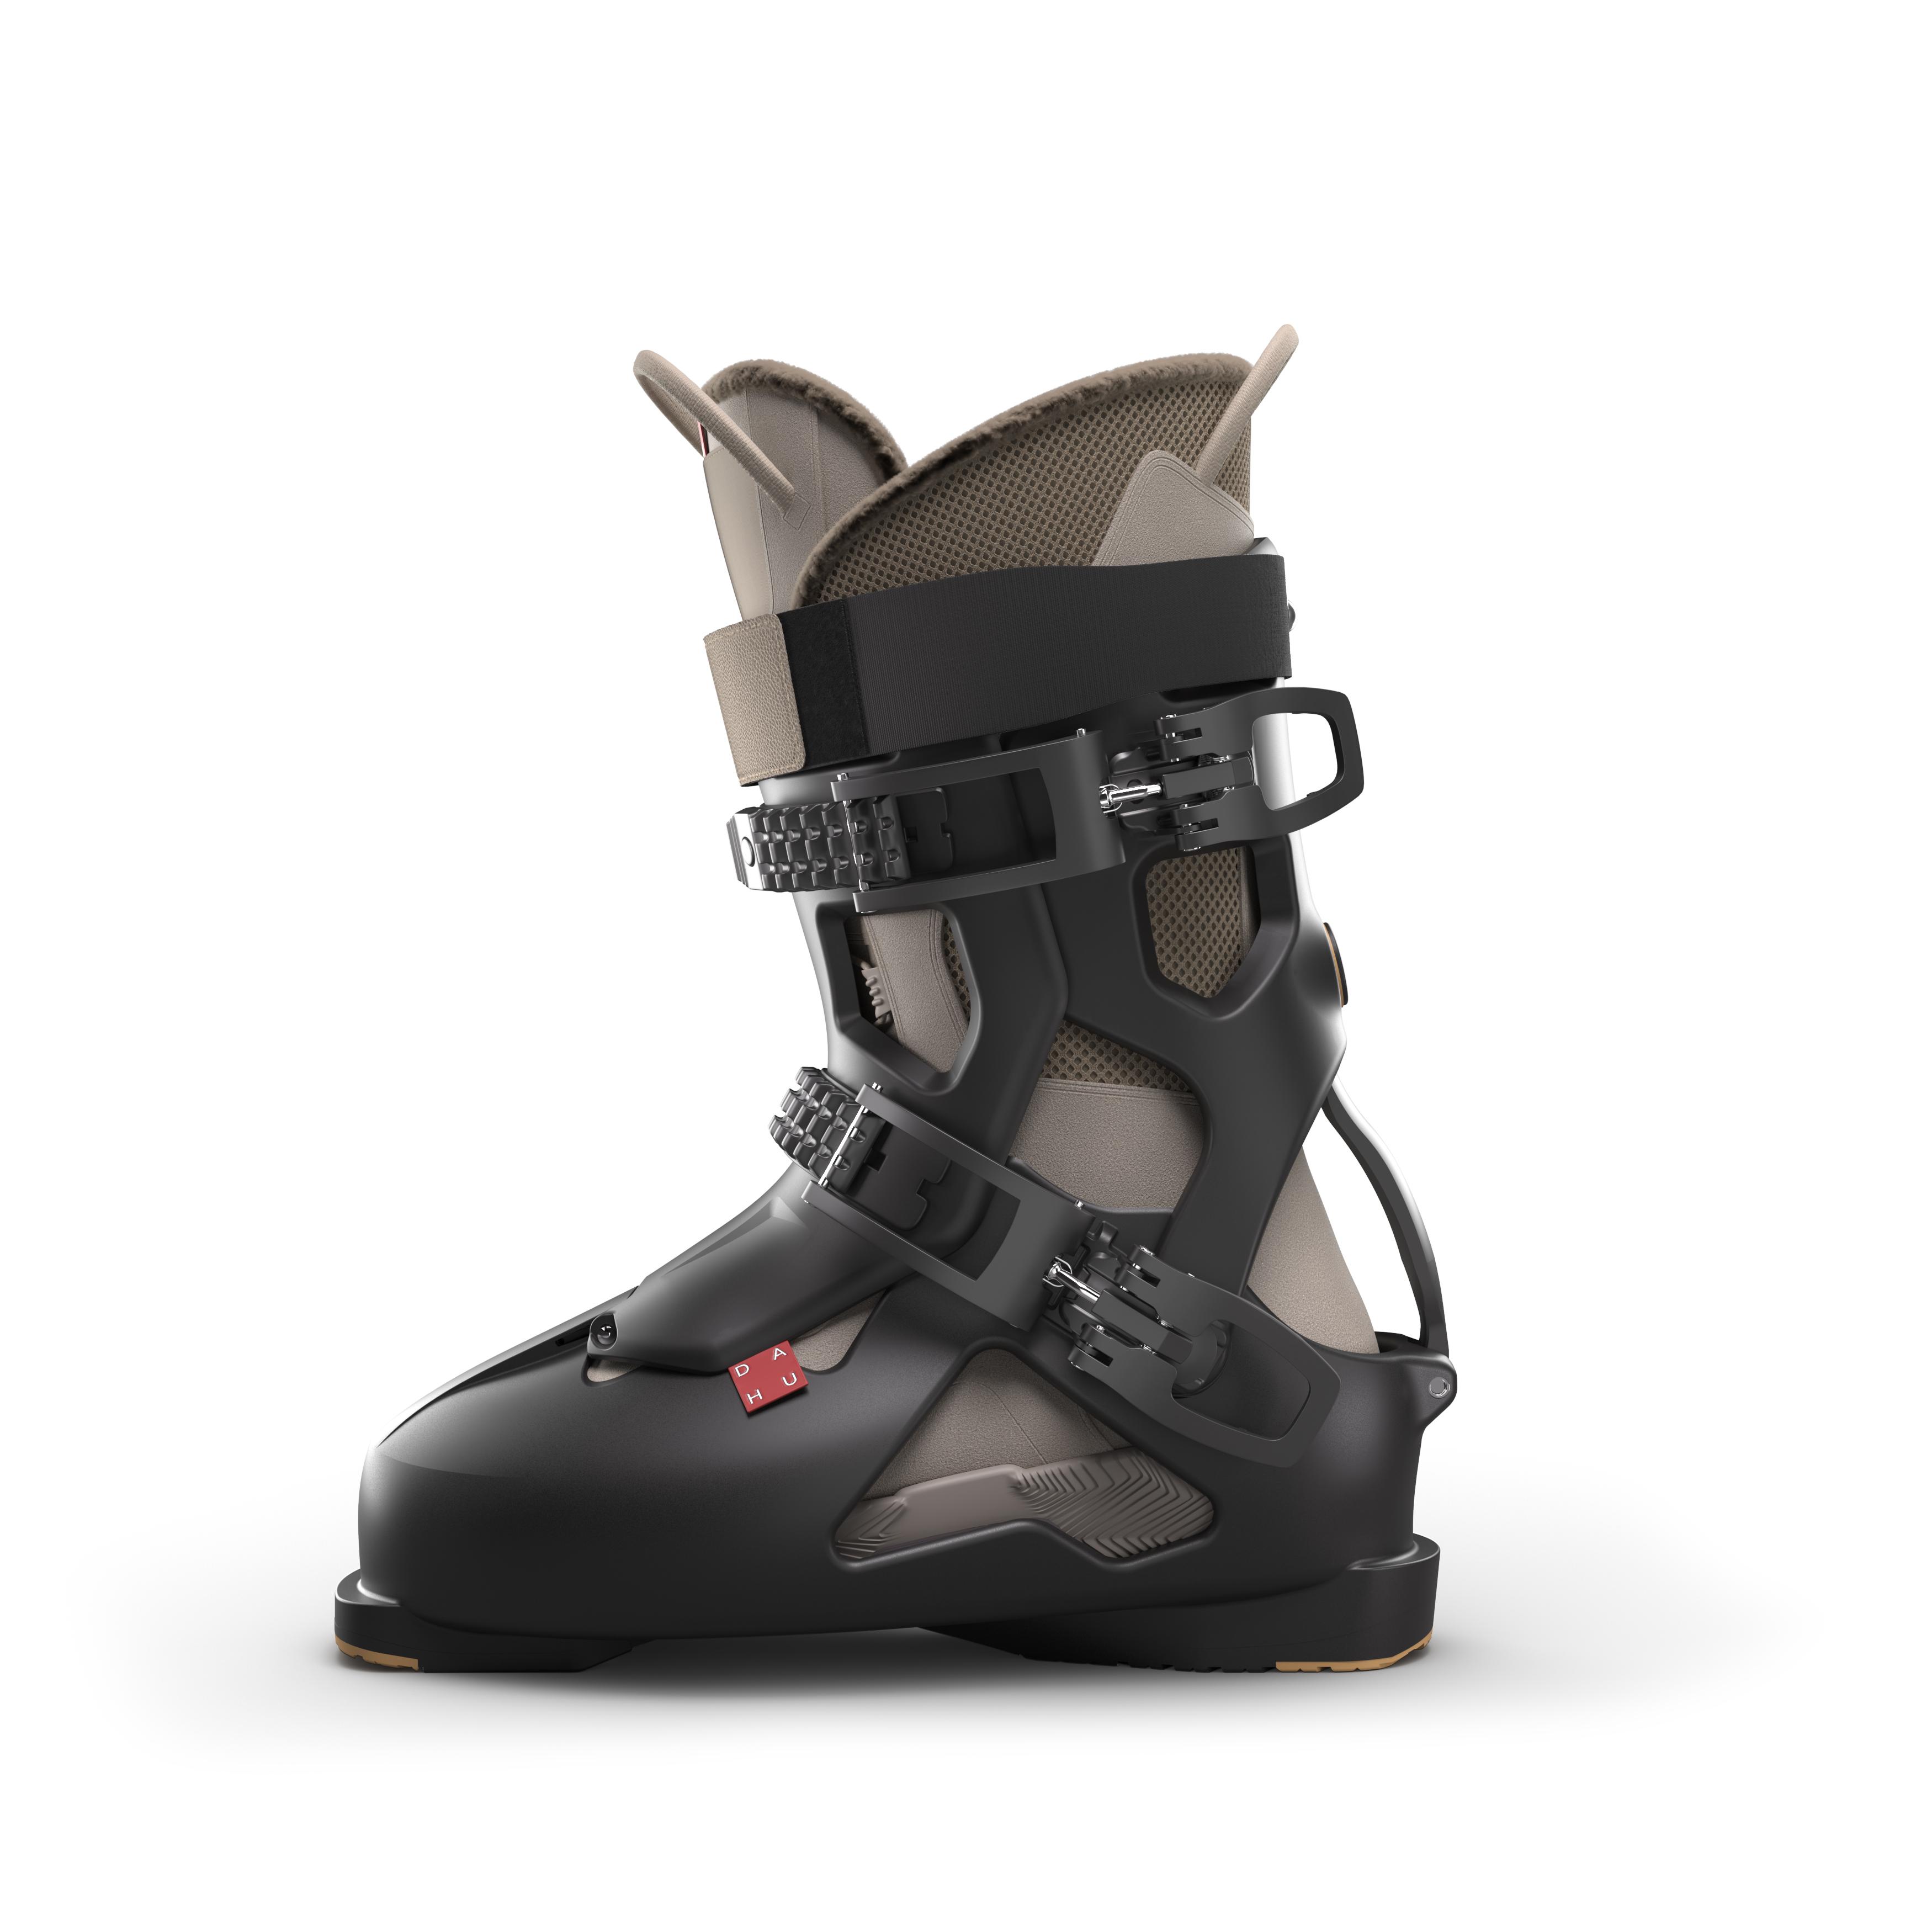 Dahu – Schweizer Skischuhe für die Zukunft luxuriösen Skifahrens